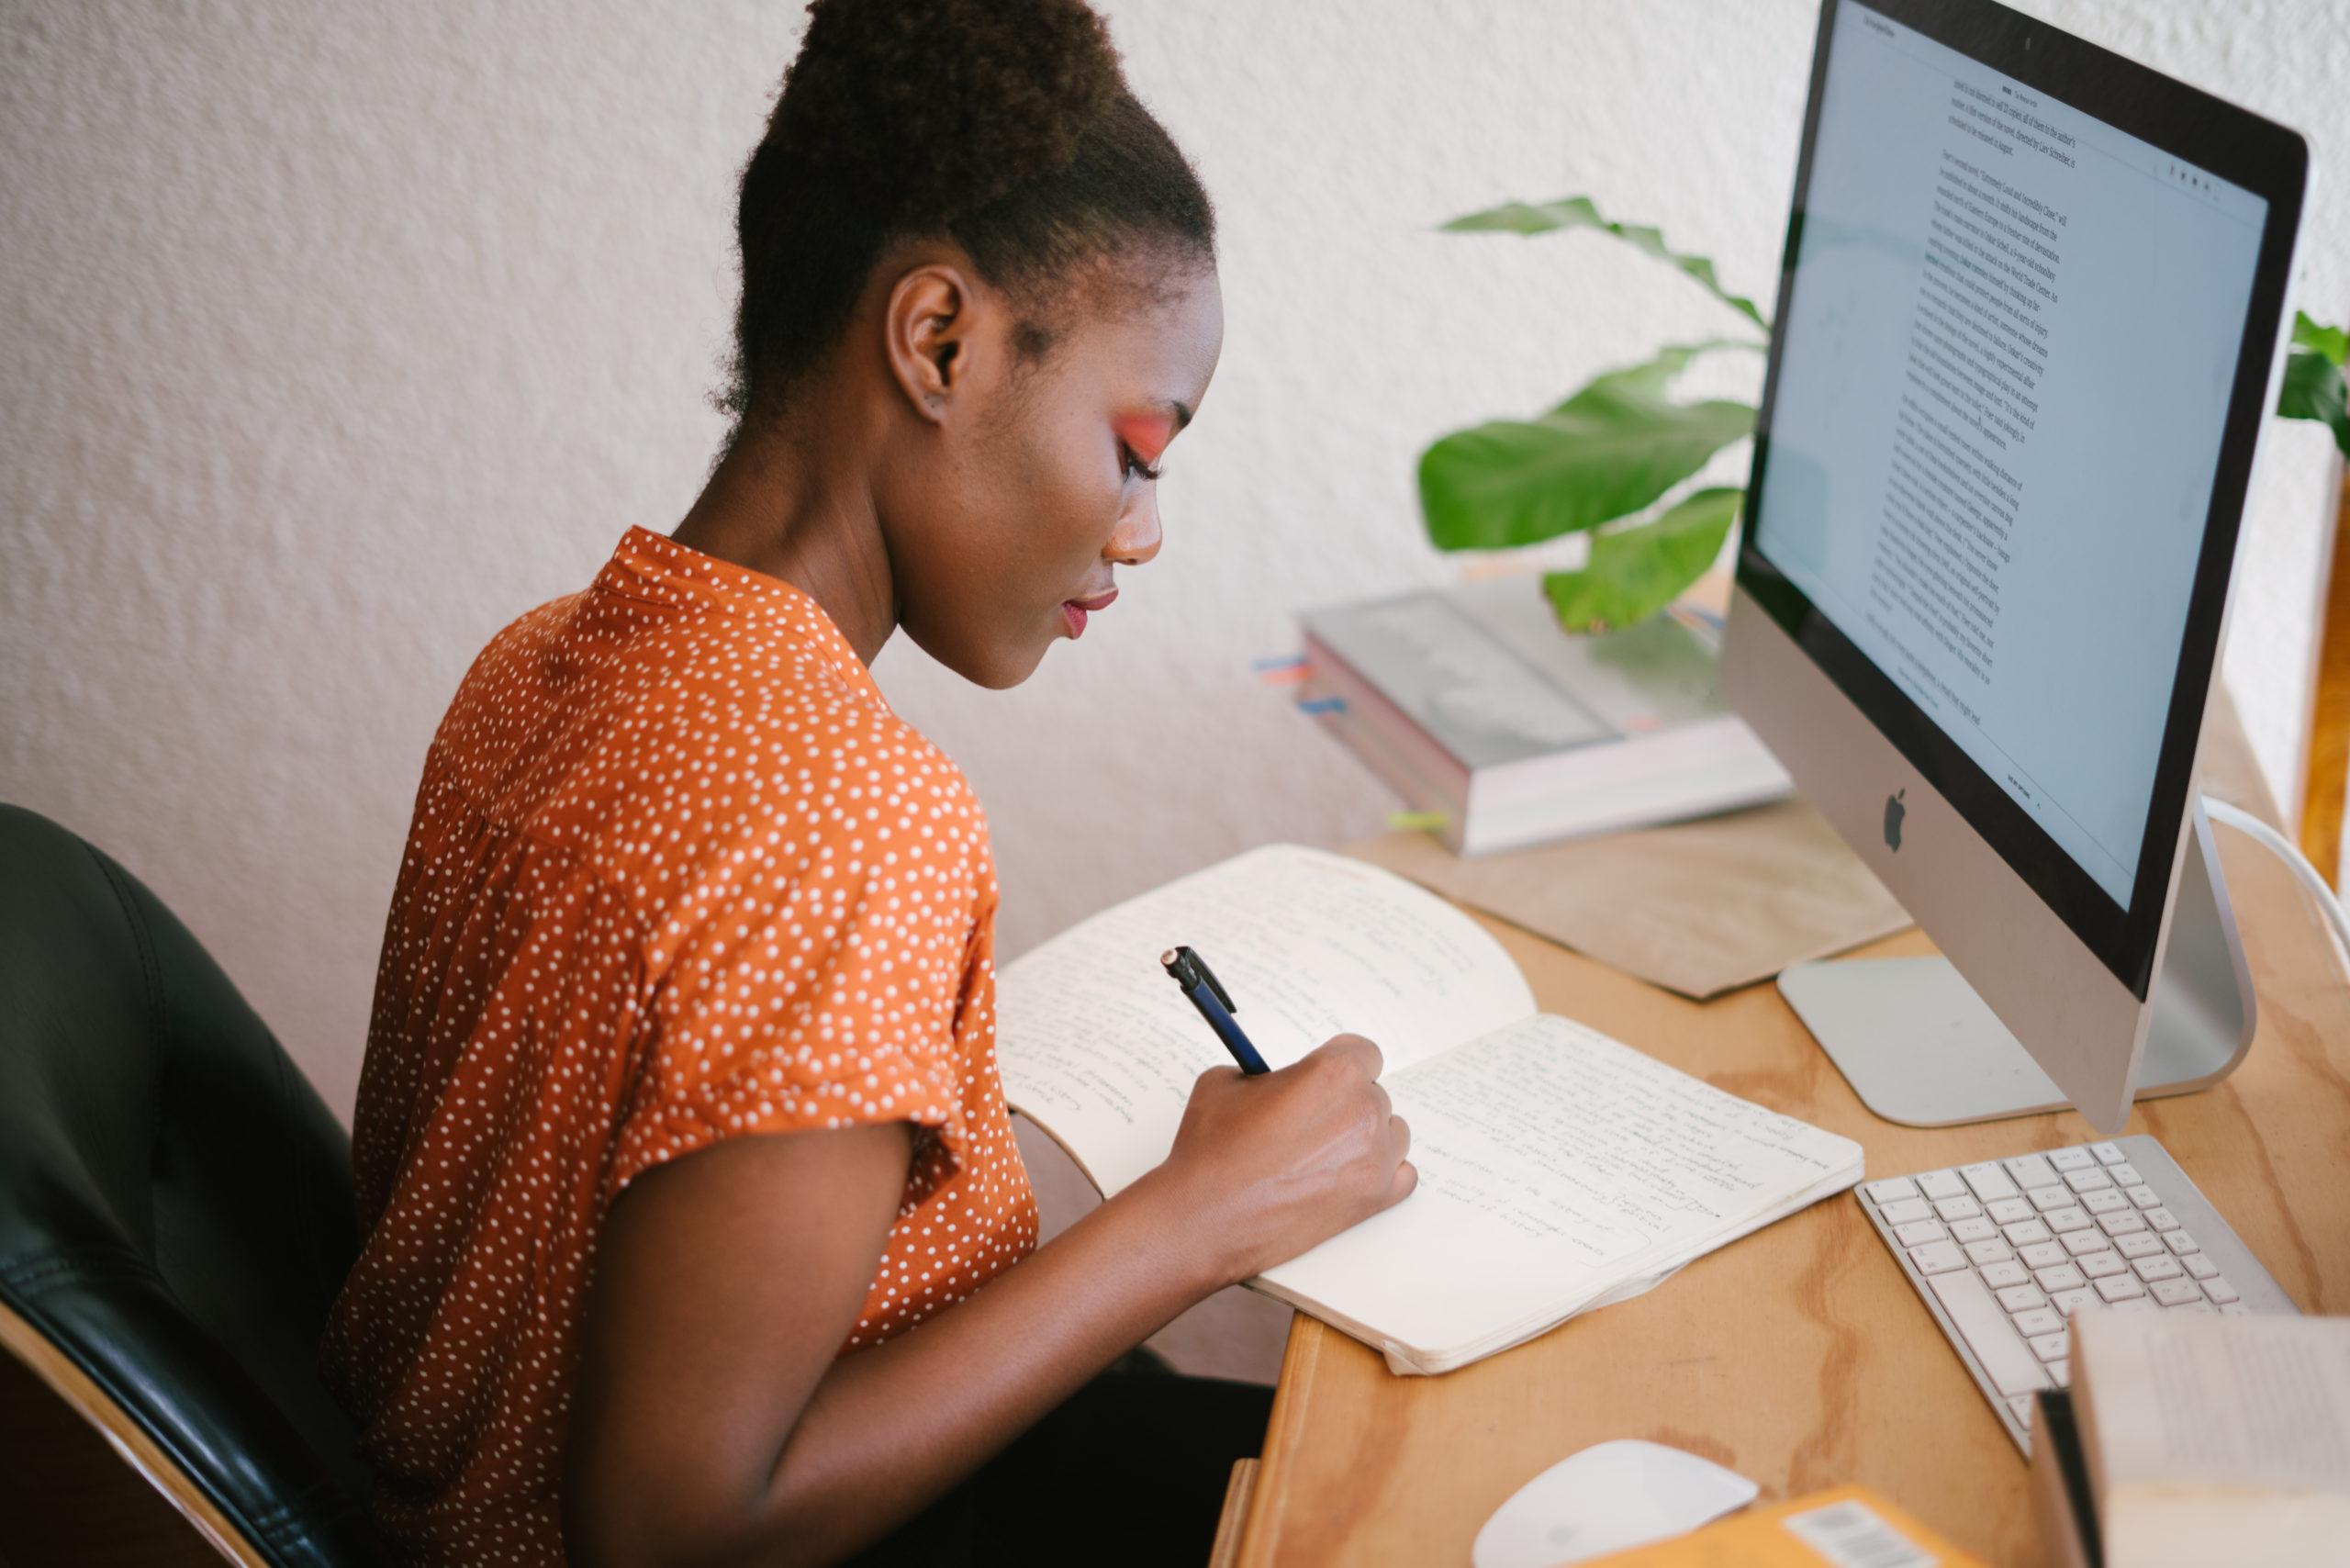 Konzentration steigern - konzentriertes Arbeiten